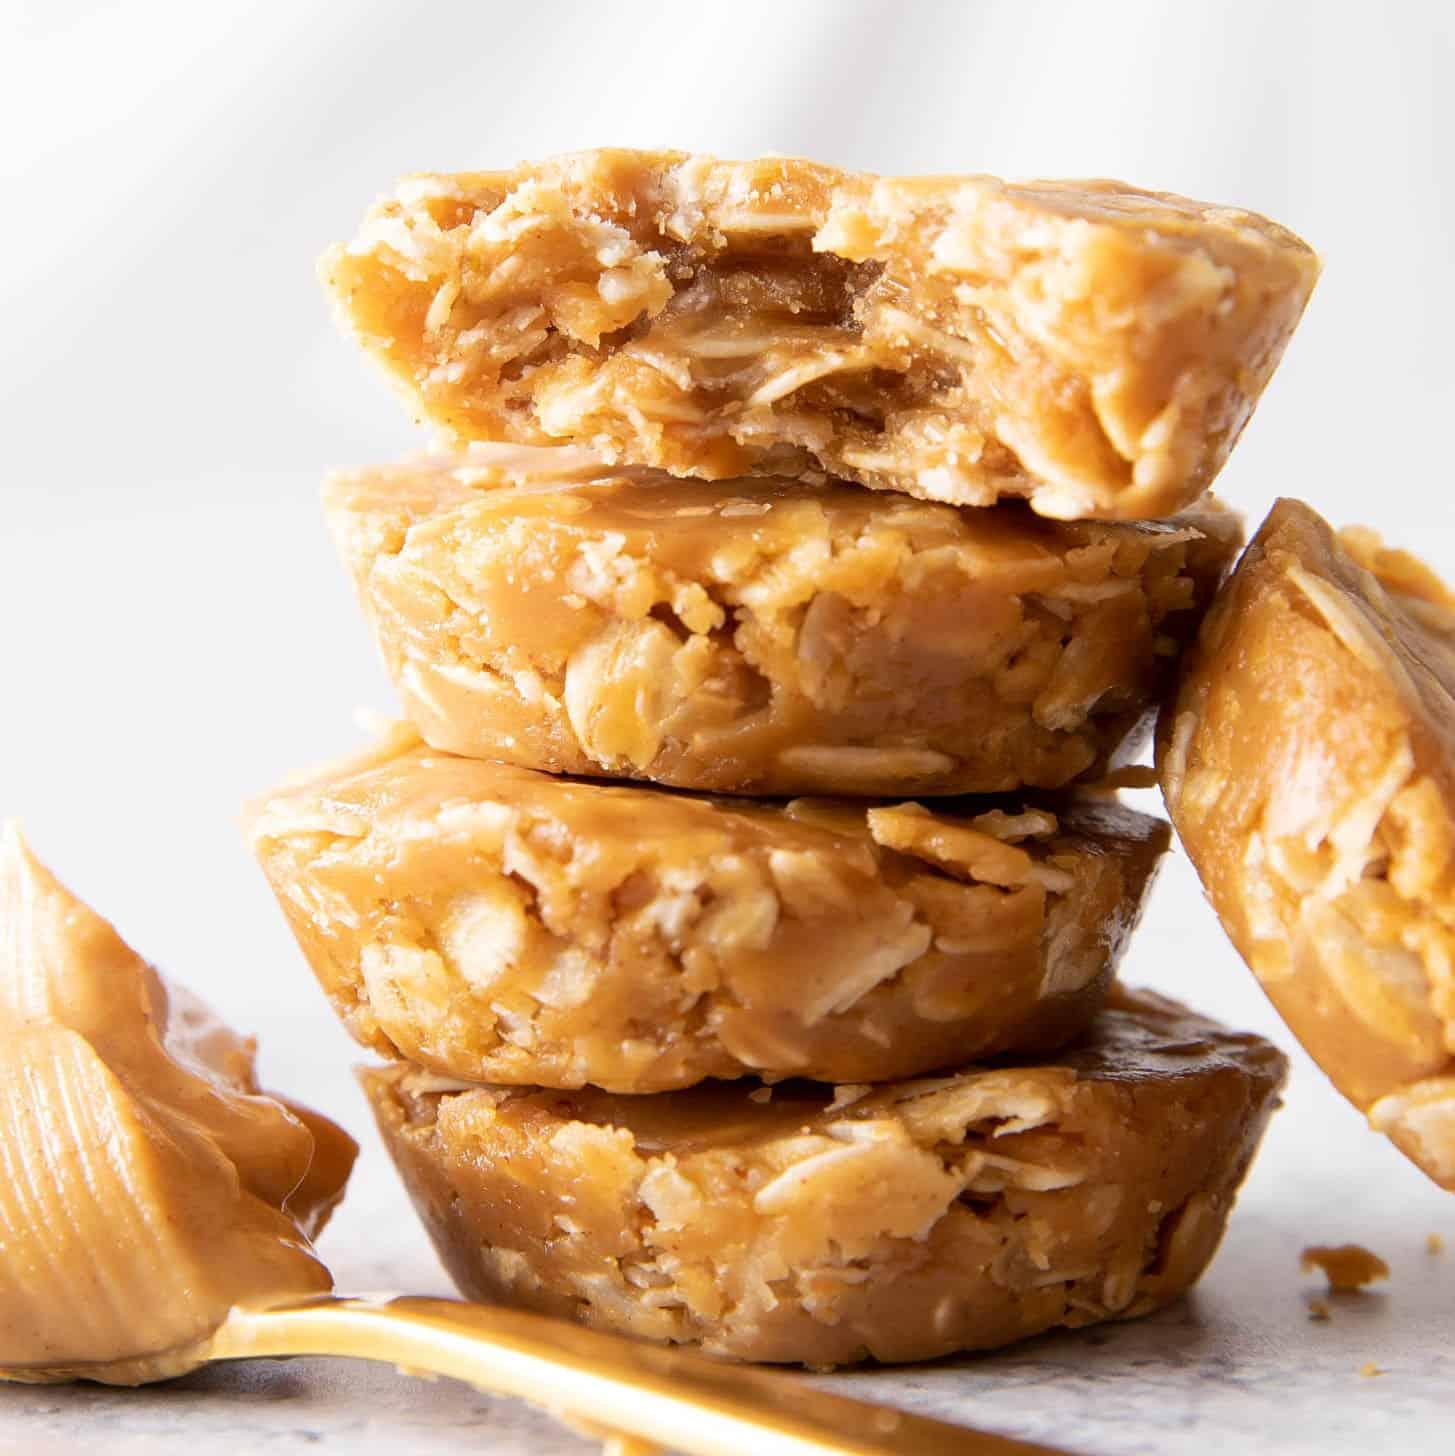 3 Ingredient No Bake Peanut Butter Oatmeal Cookie Cups Healthy Vegan Gf Beaming Baker